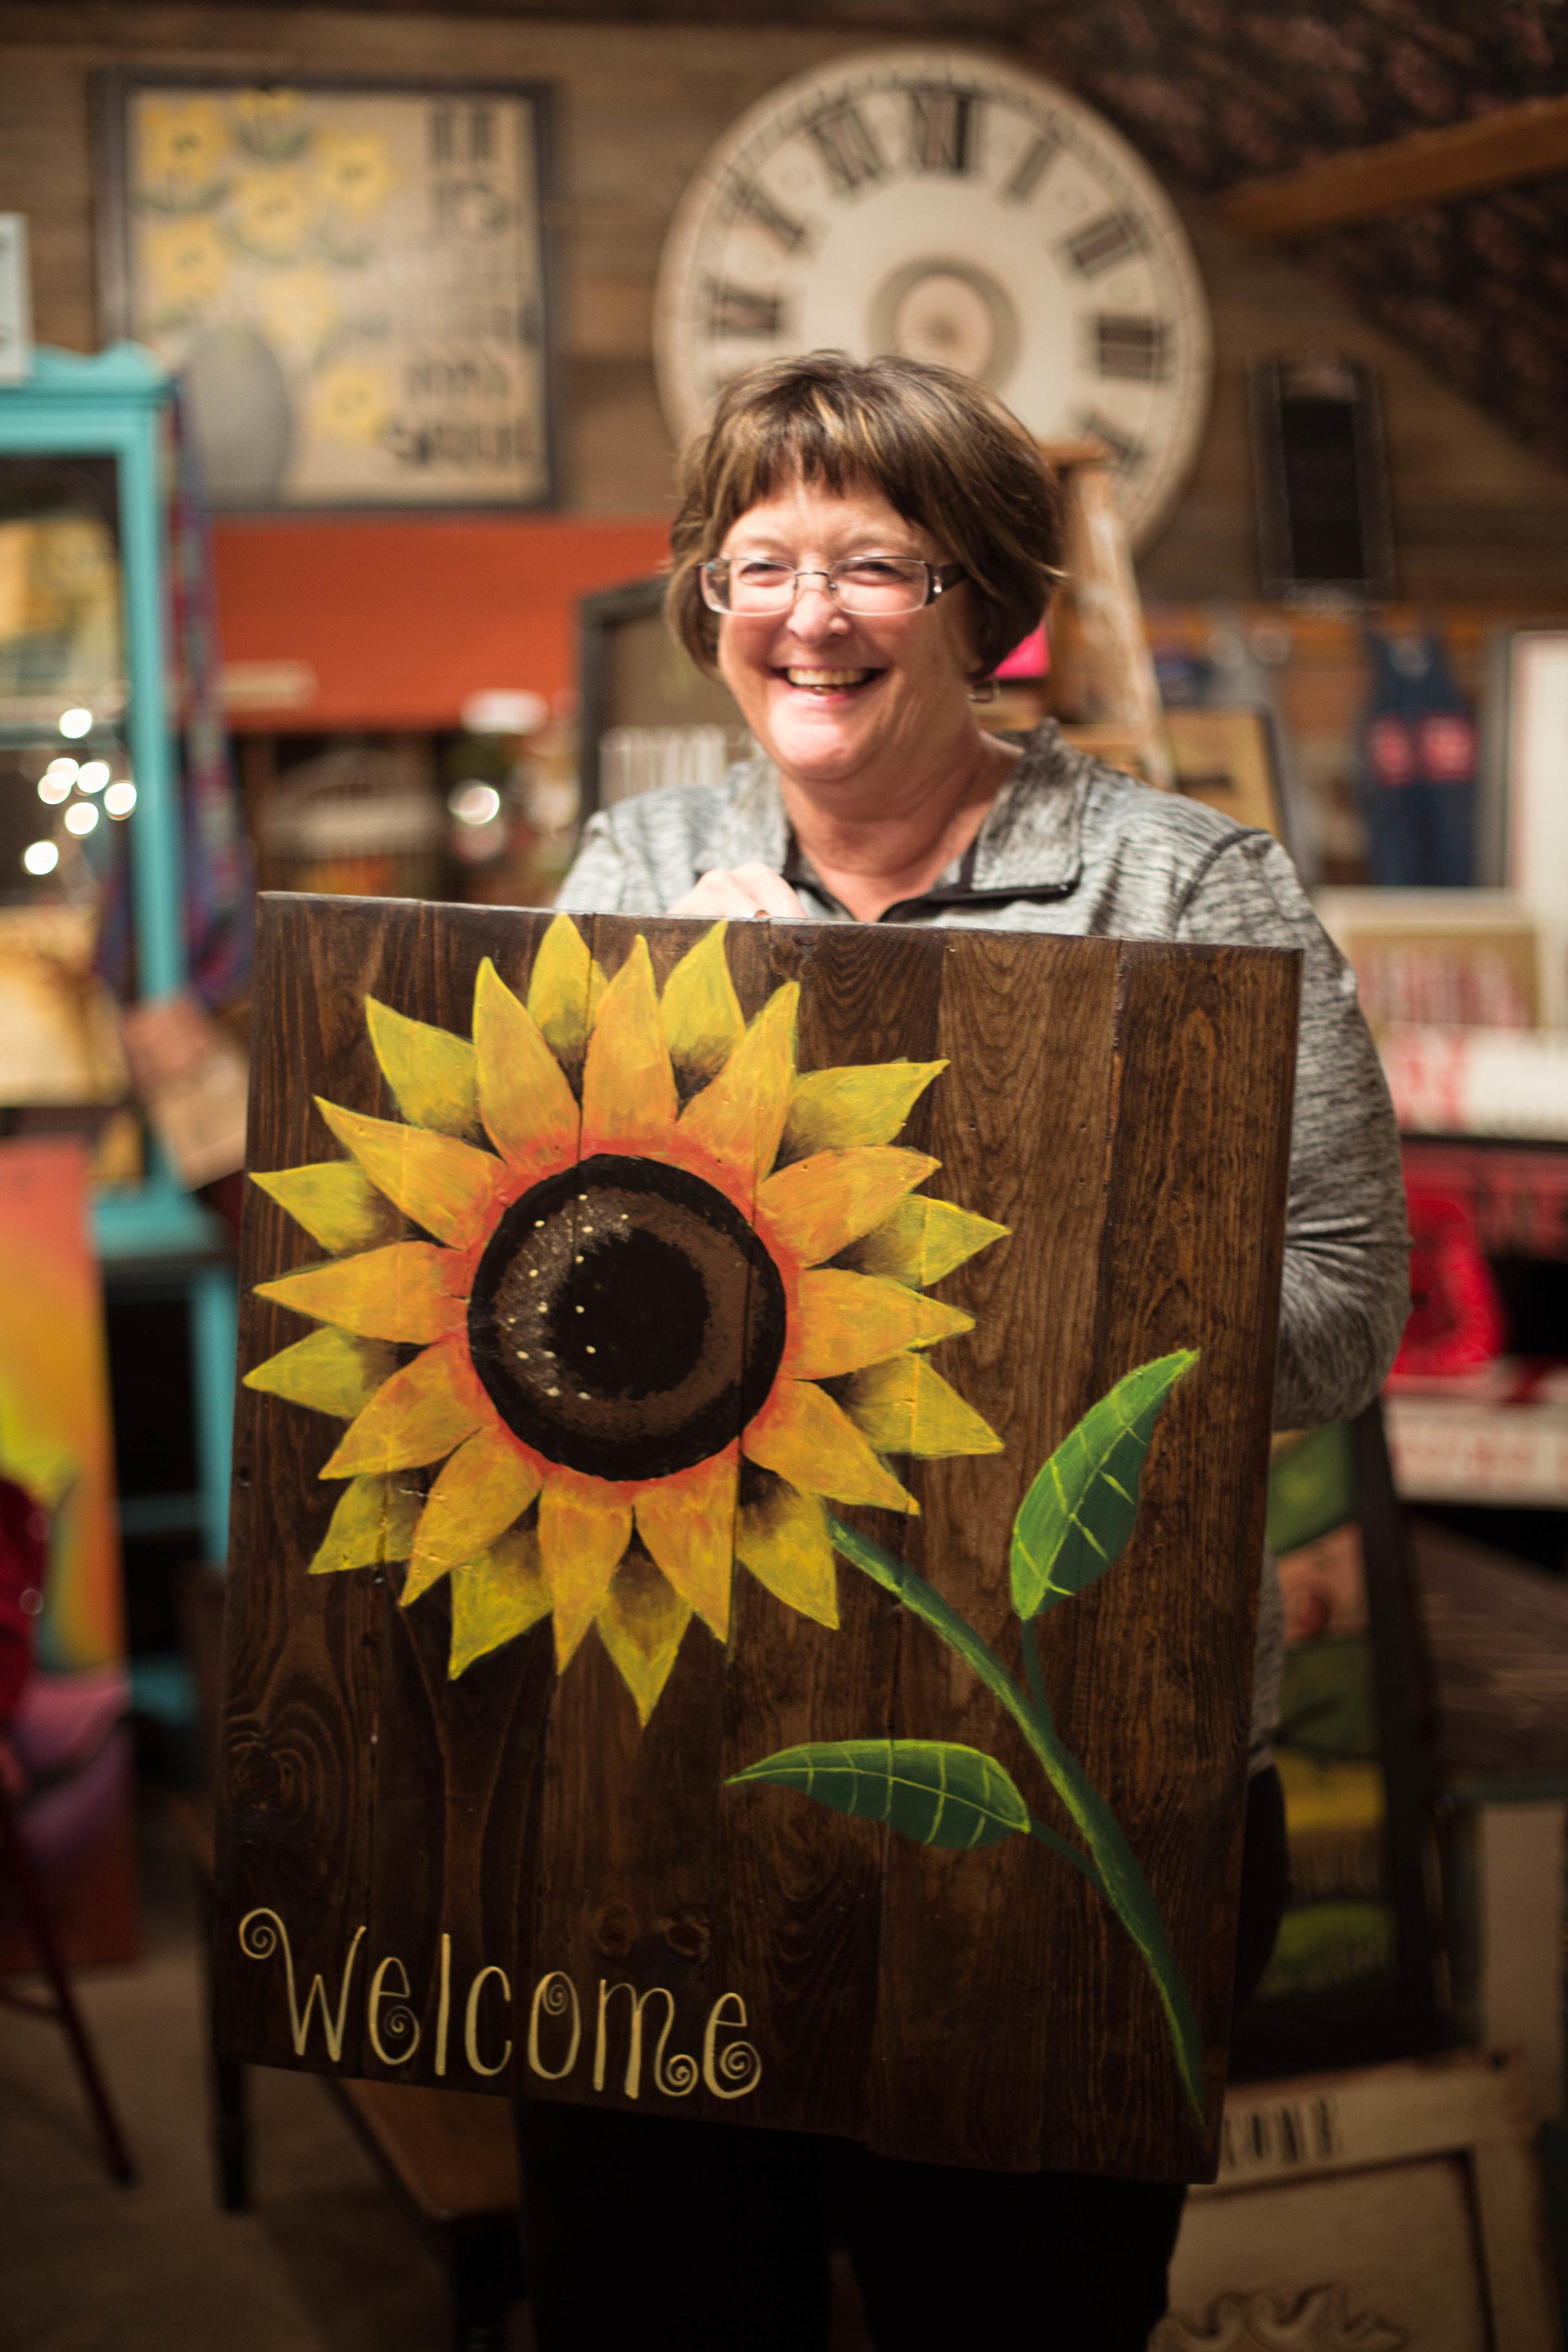 sunflower-7886.jpg